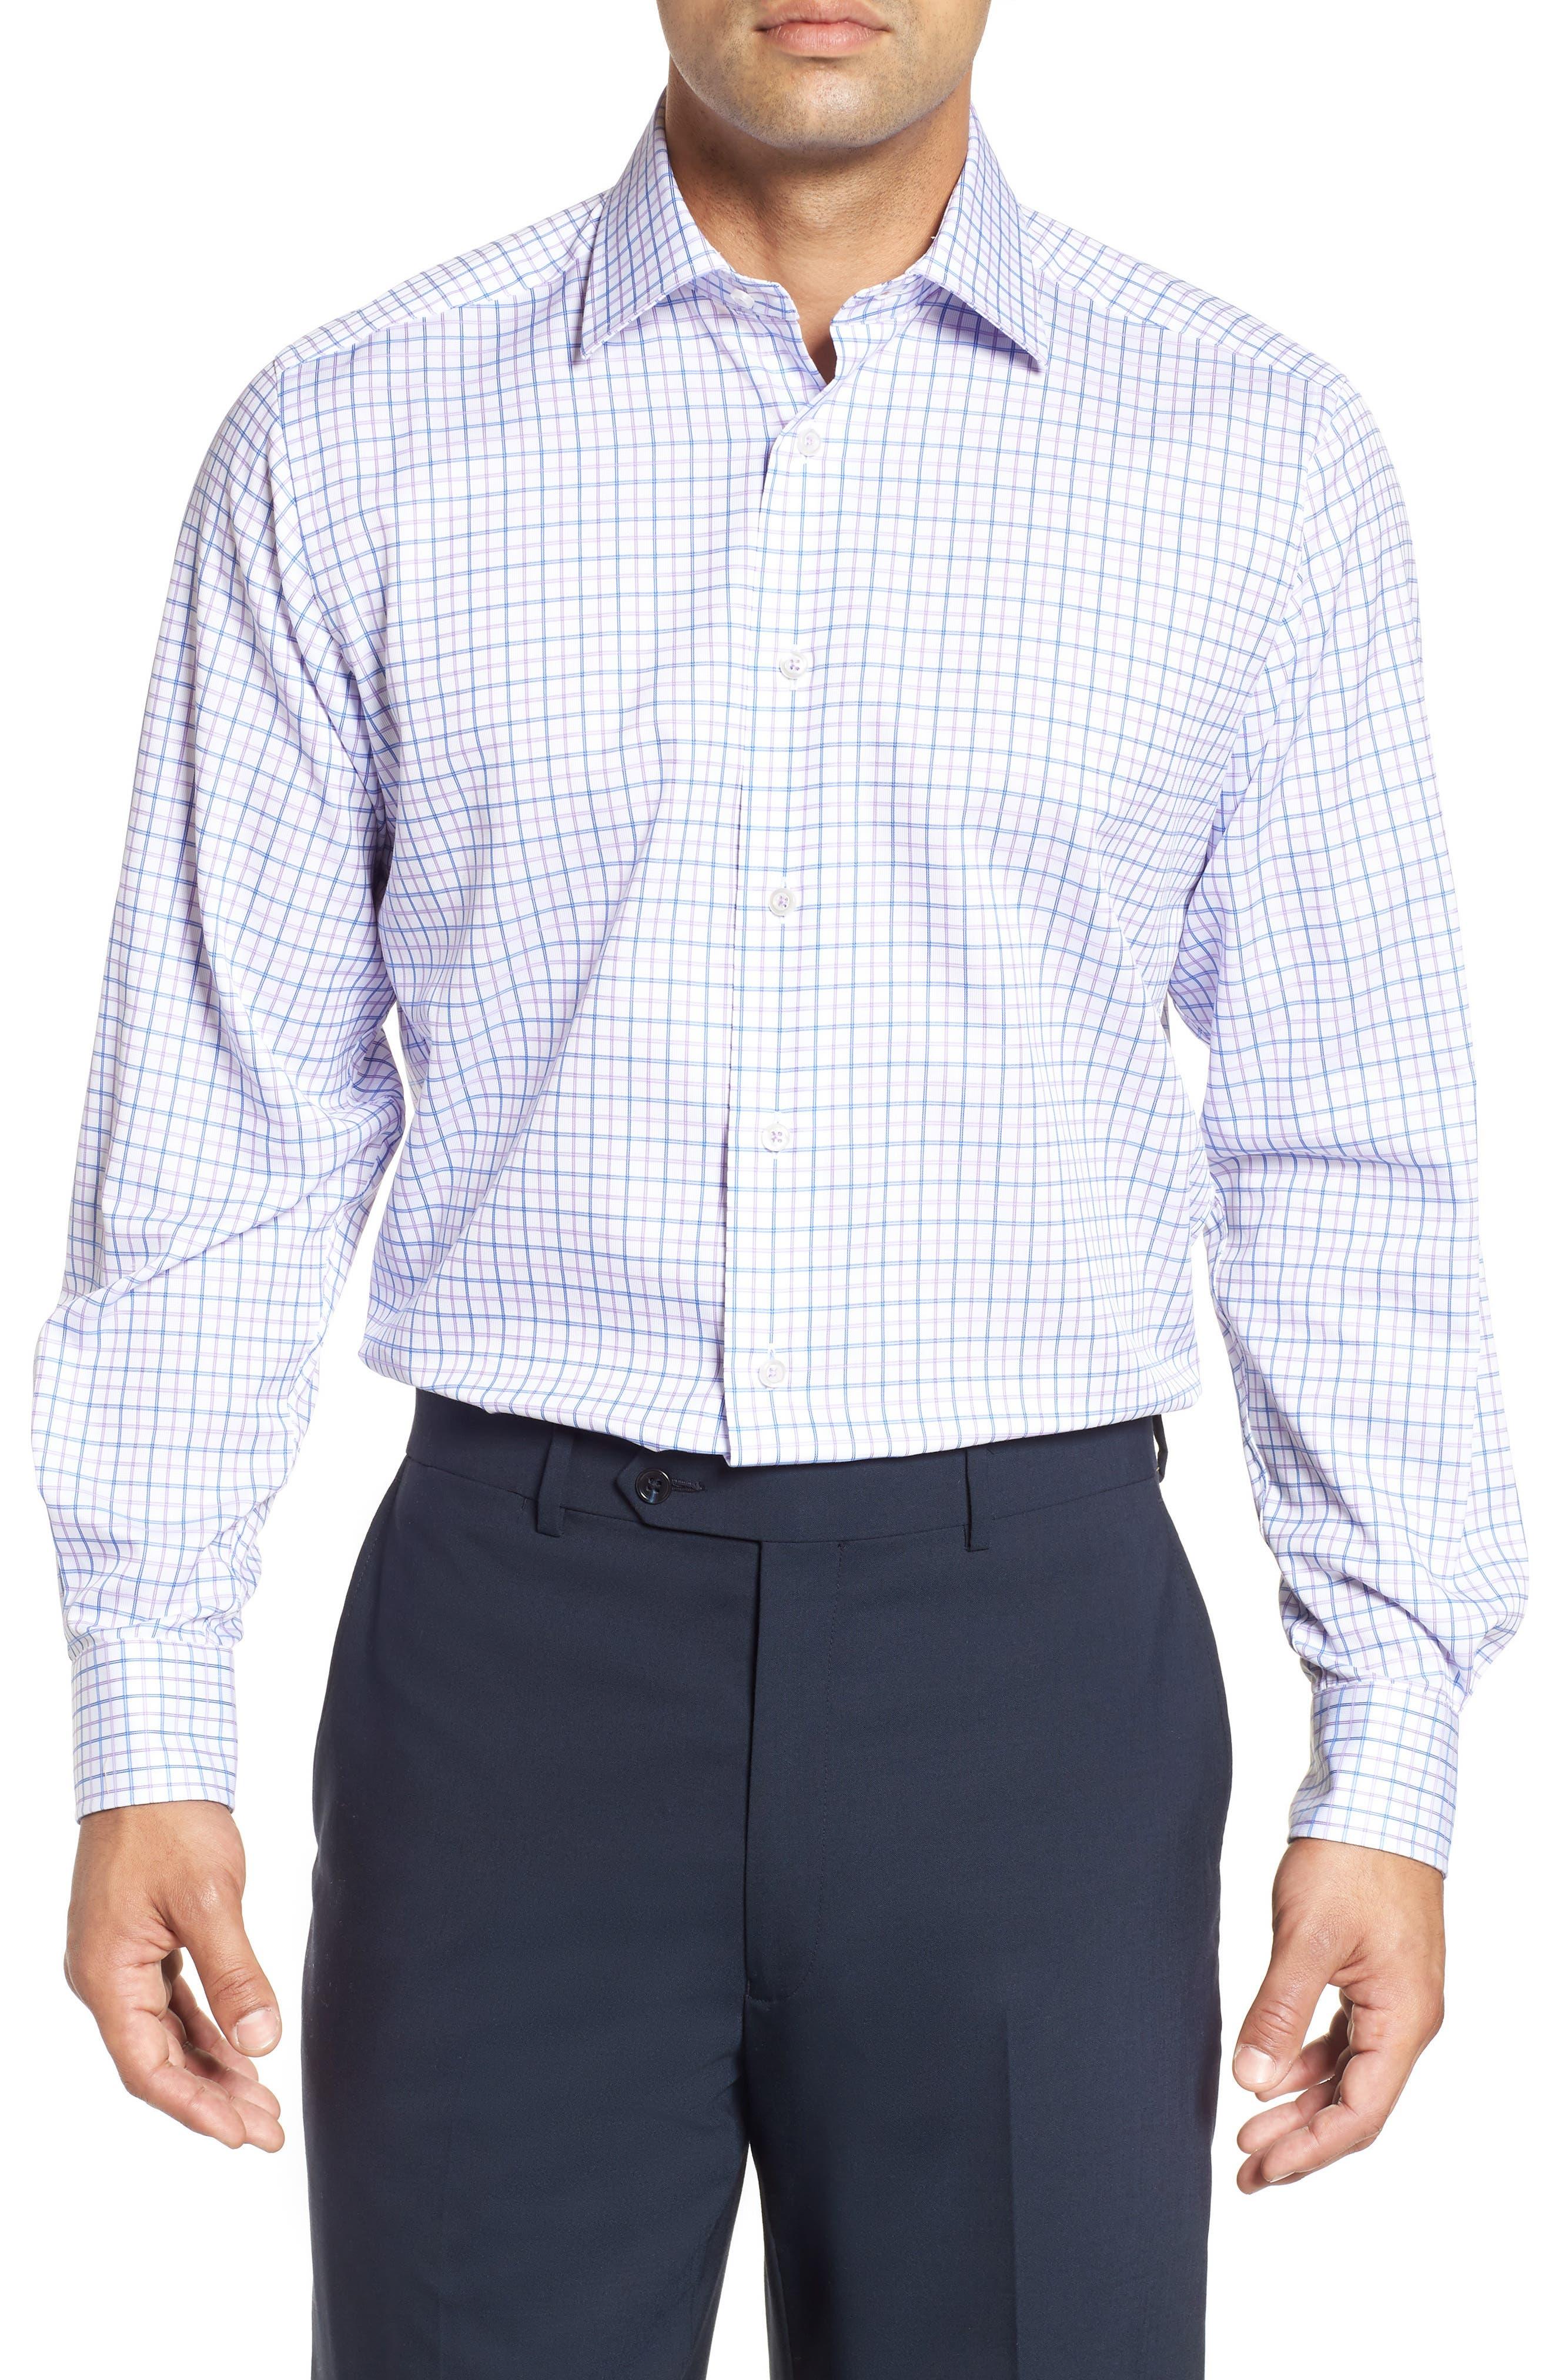 Regular Fit Check Dress Shirt,                             Main thumbnail 1, color,                             534